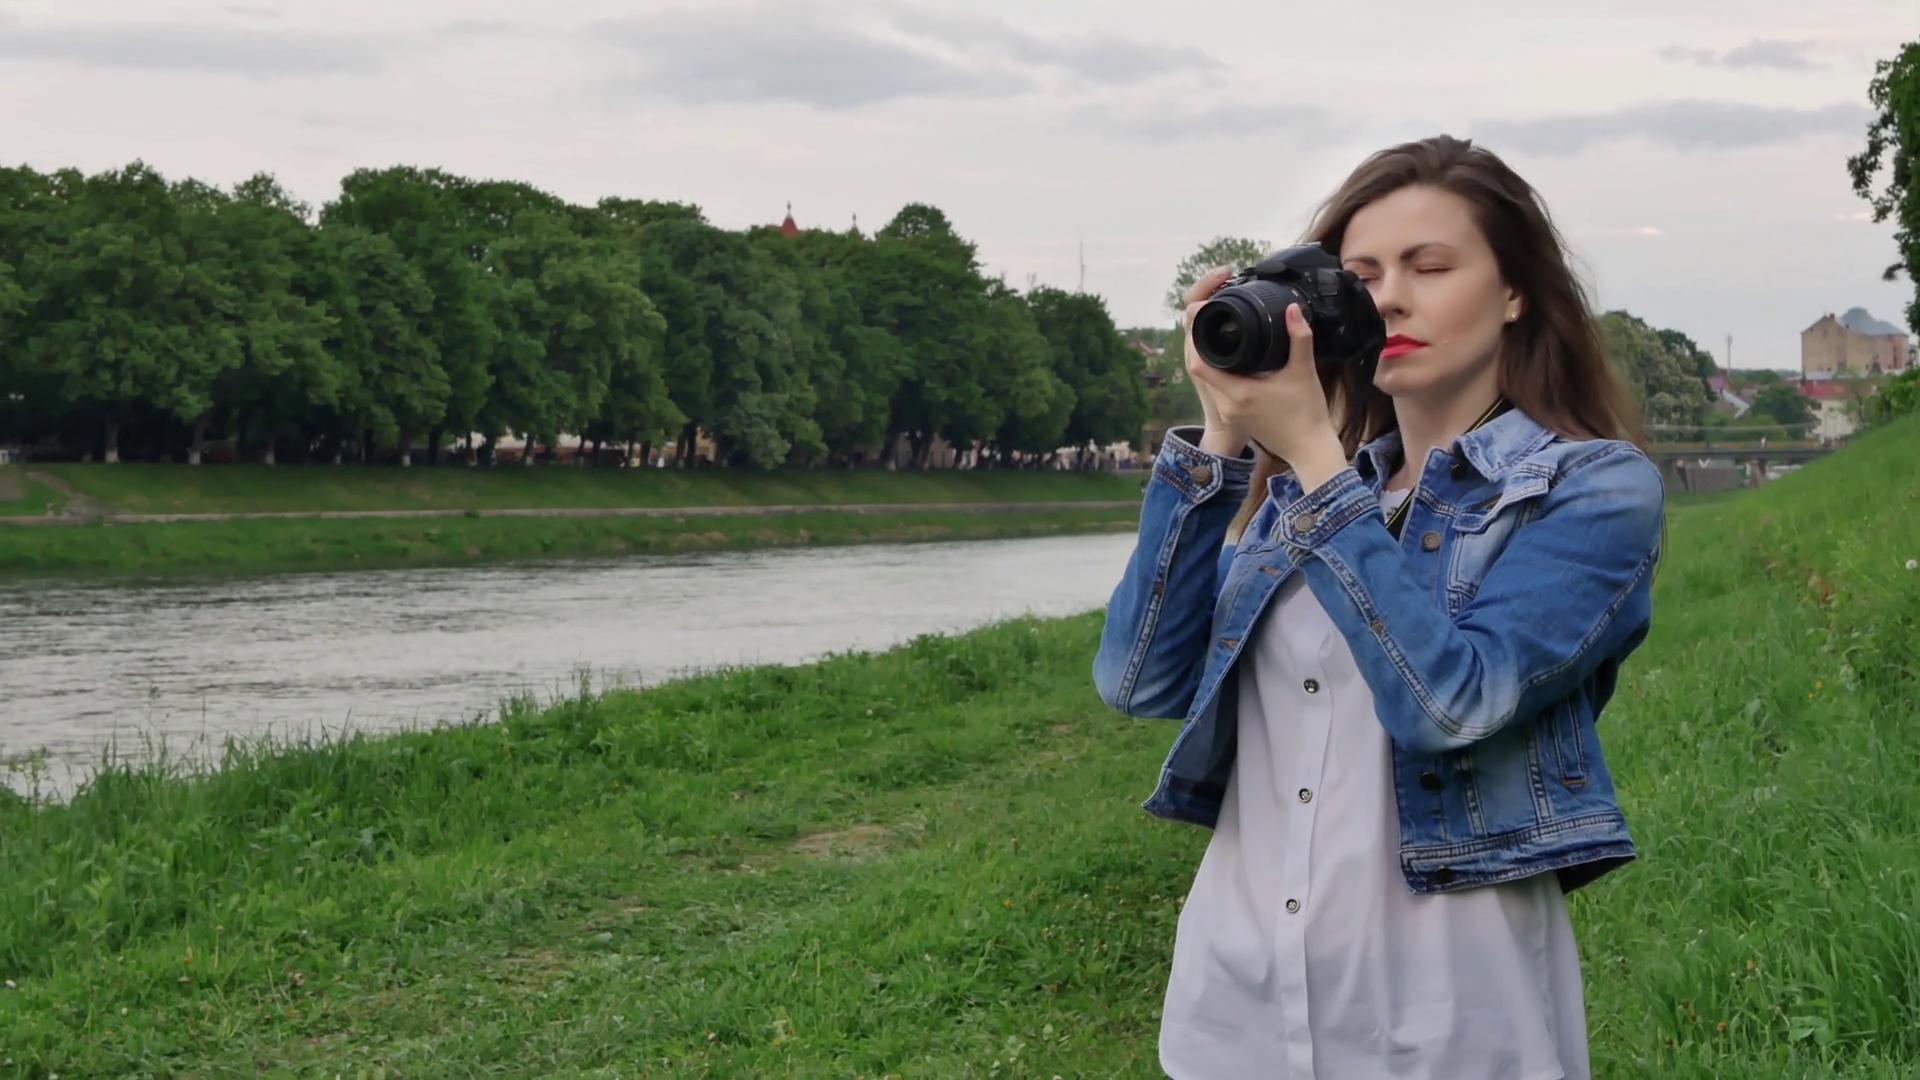 Пять причин, почему смартфон в путешествии лучше, чем фотоаппарат